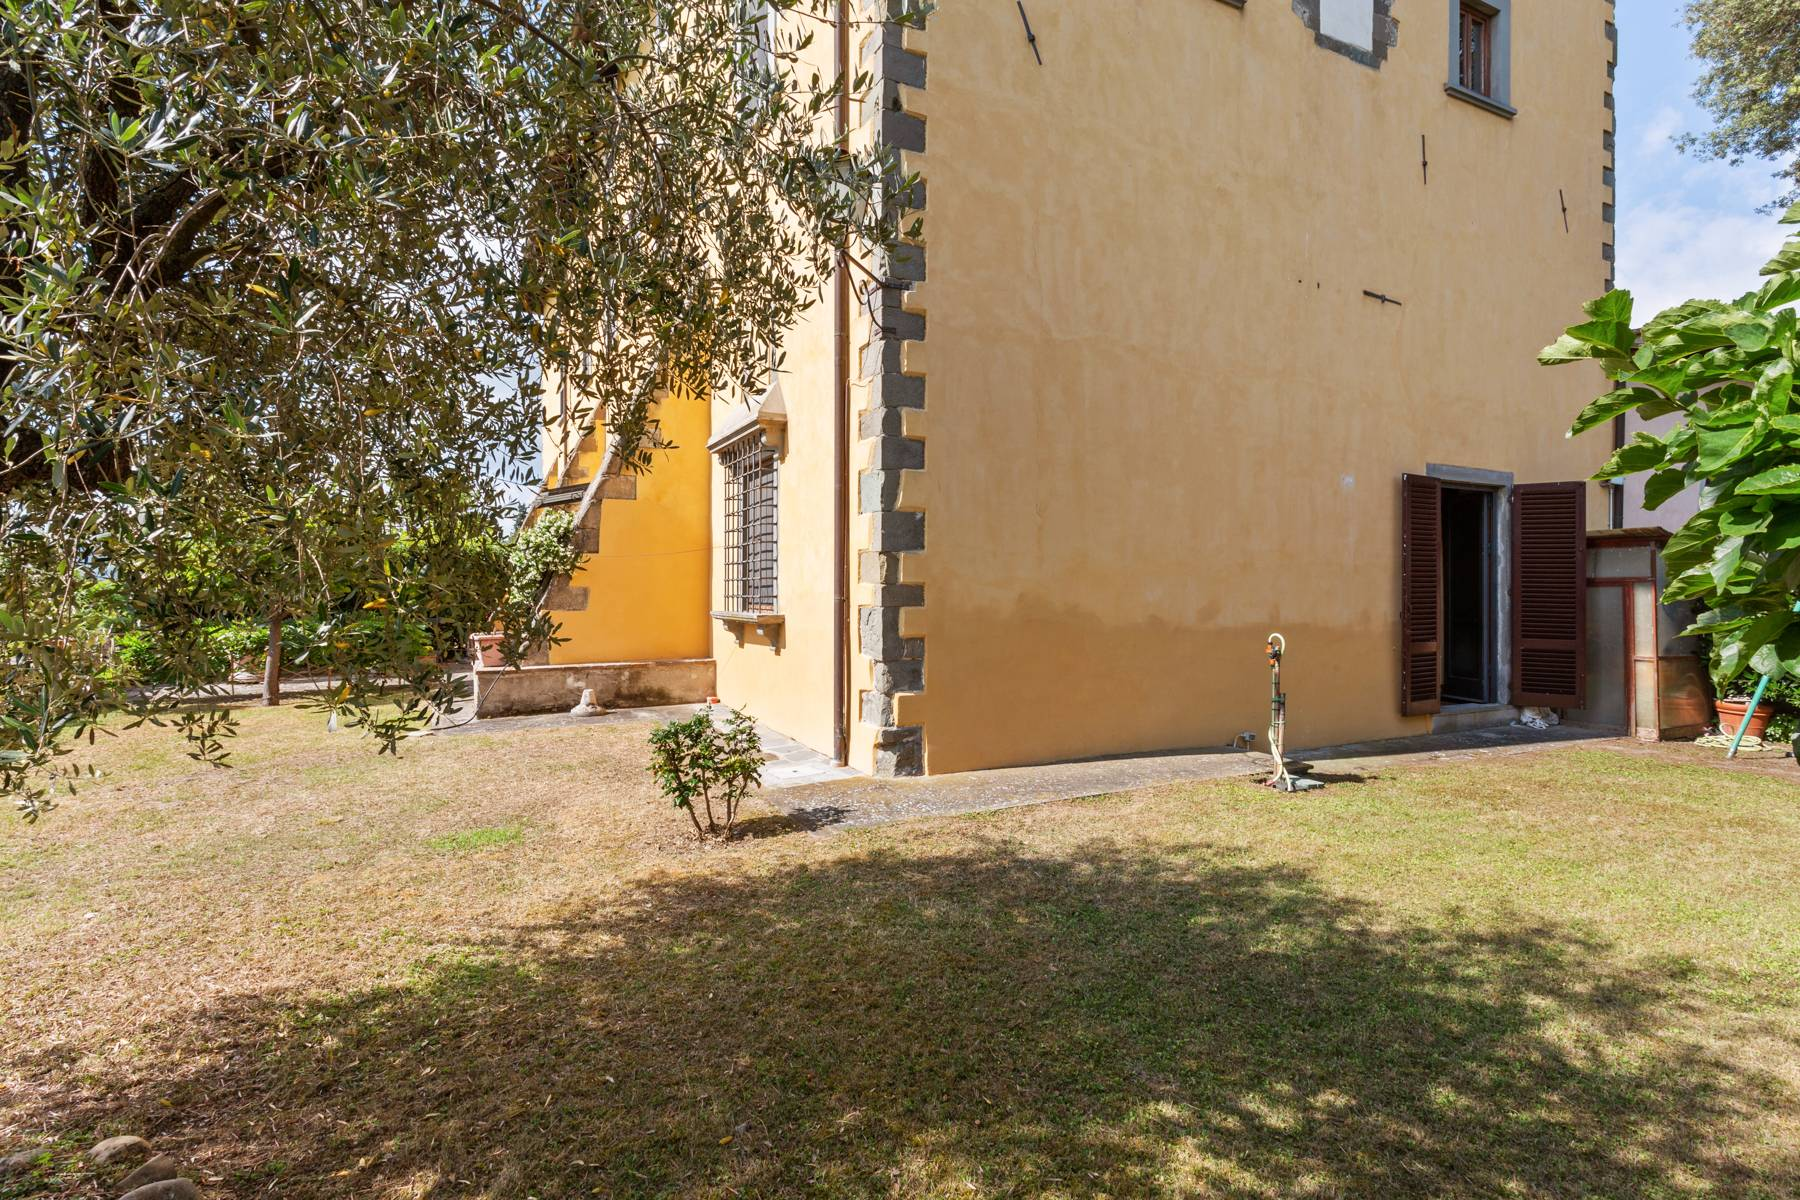 Magnifique appartement dans villa historique du XVI siècle avec jardin - 16